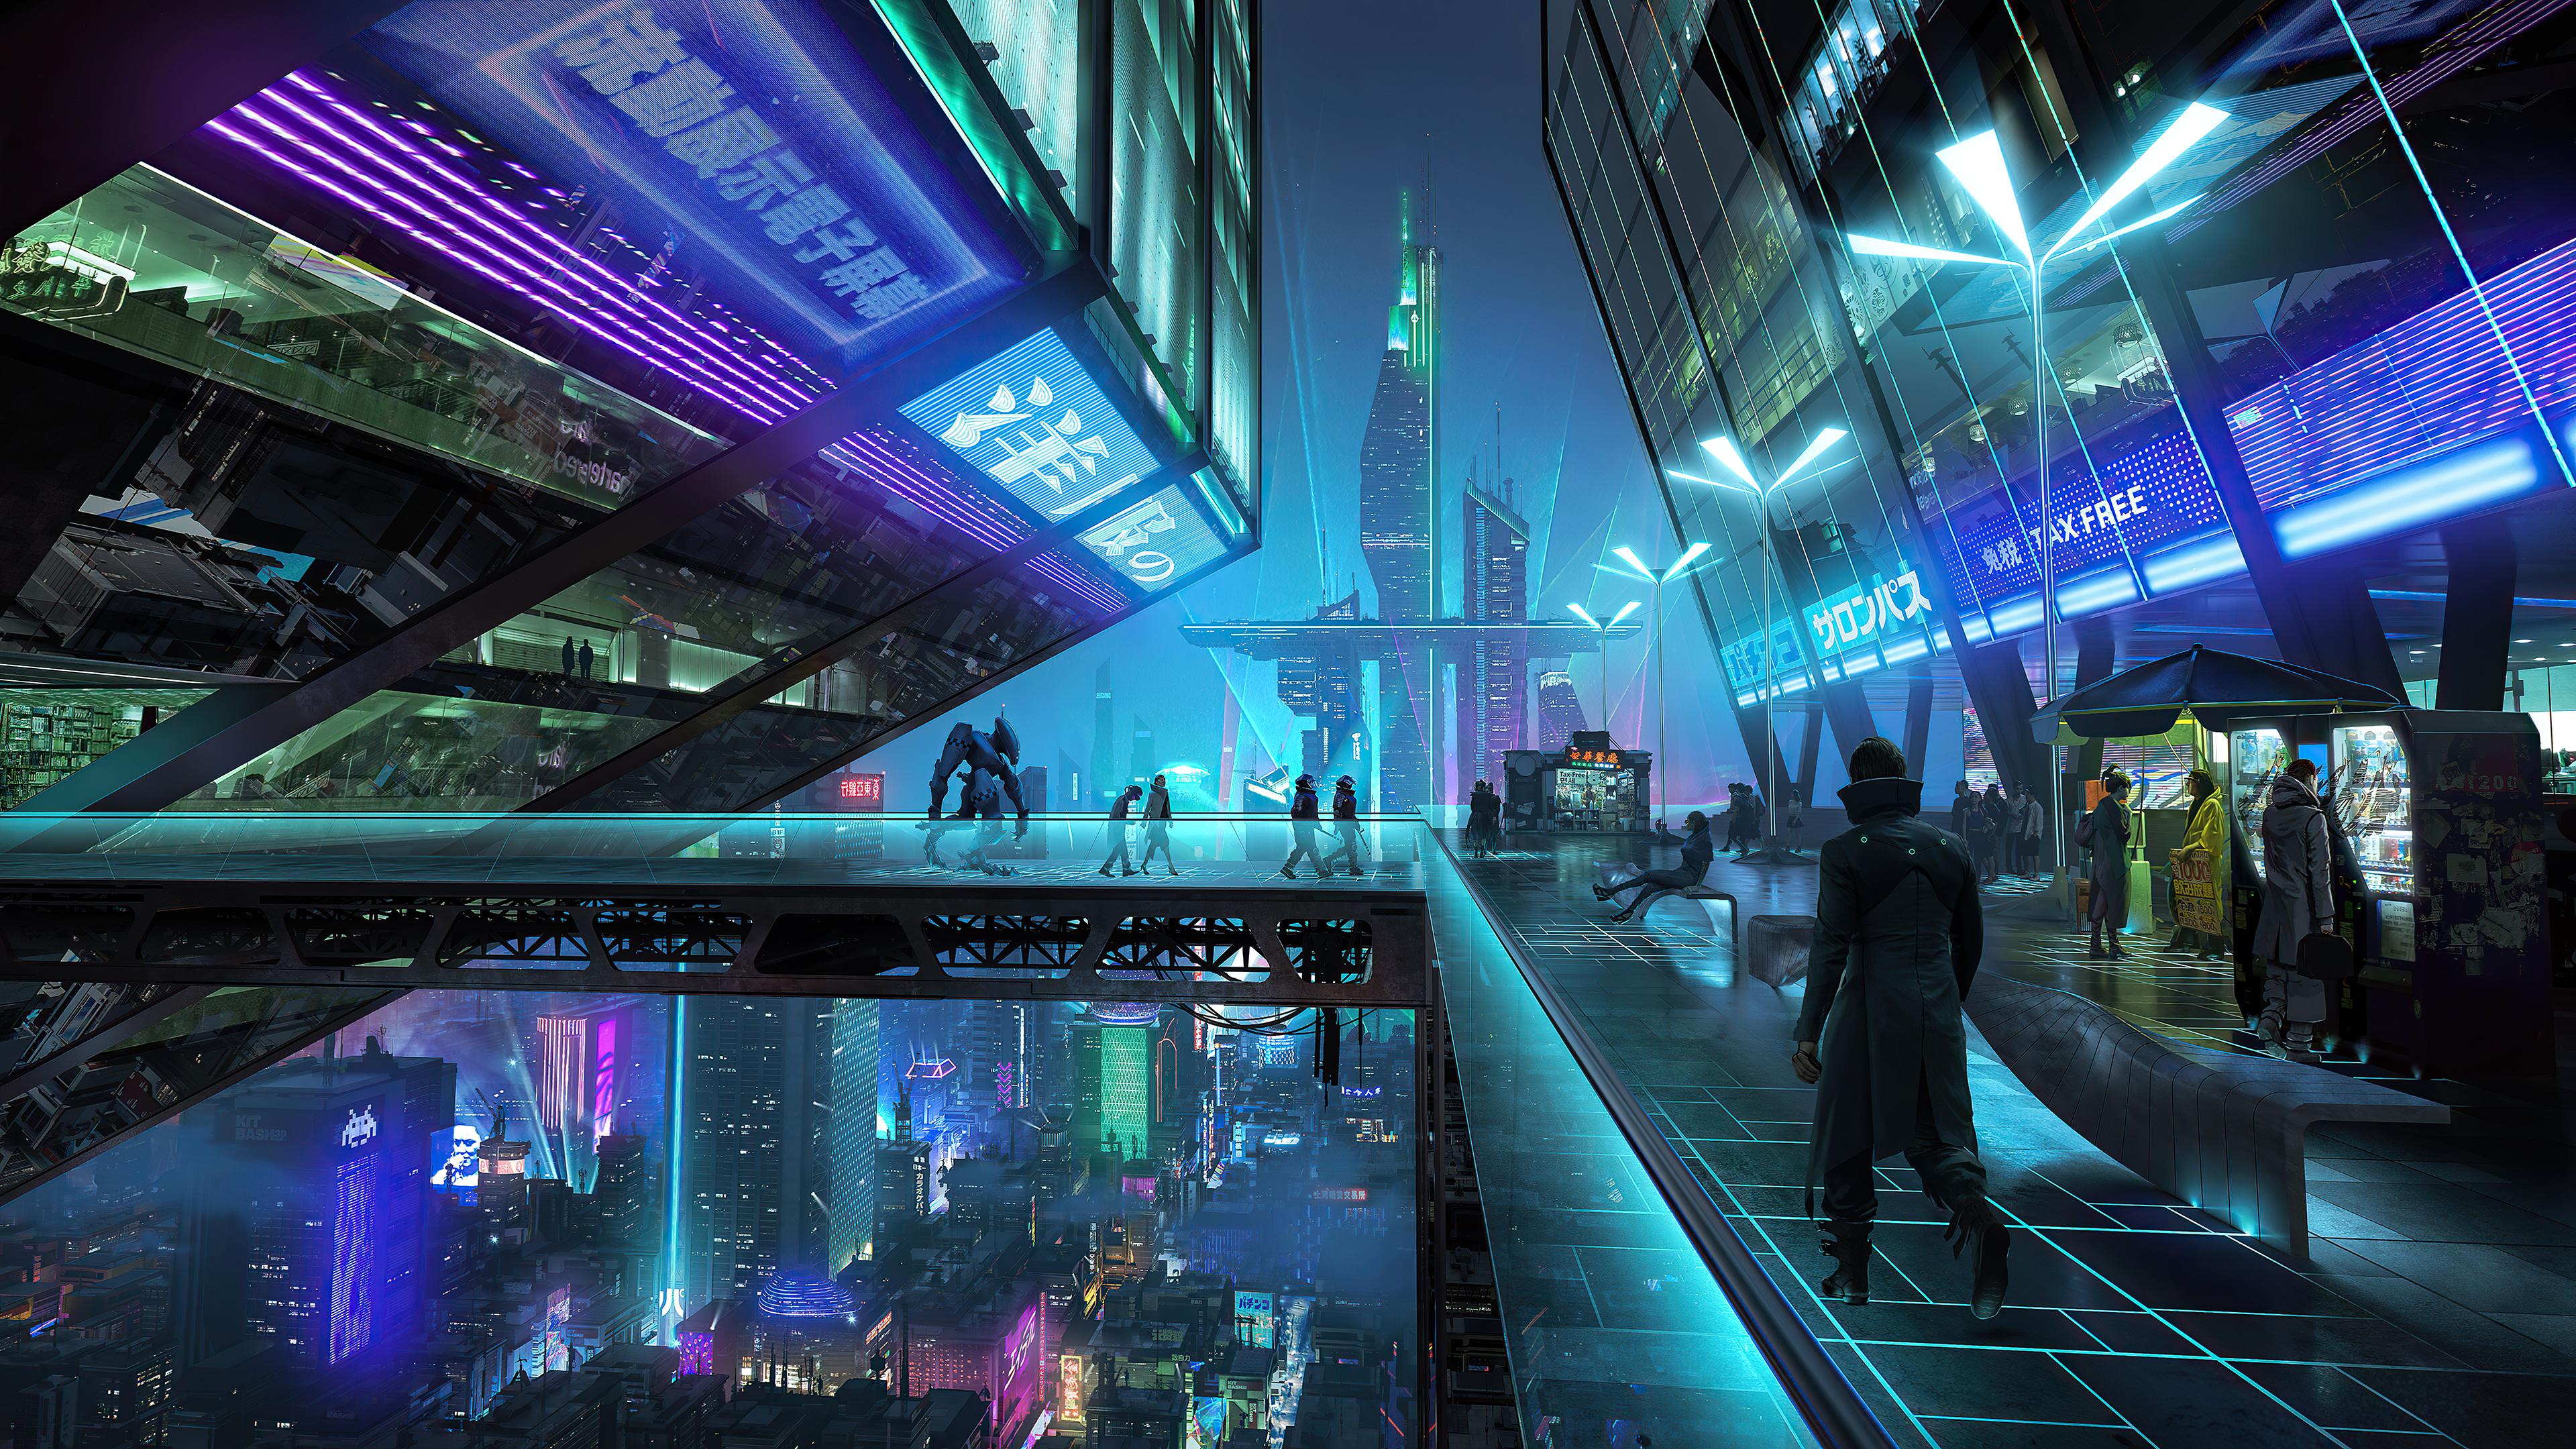 neon city night 4k 1608581672 - Neon City Night 4k - Neon City Night 4k wallpapers